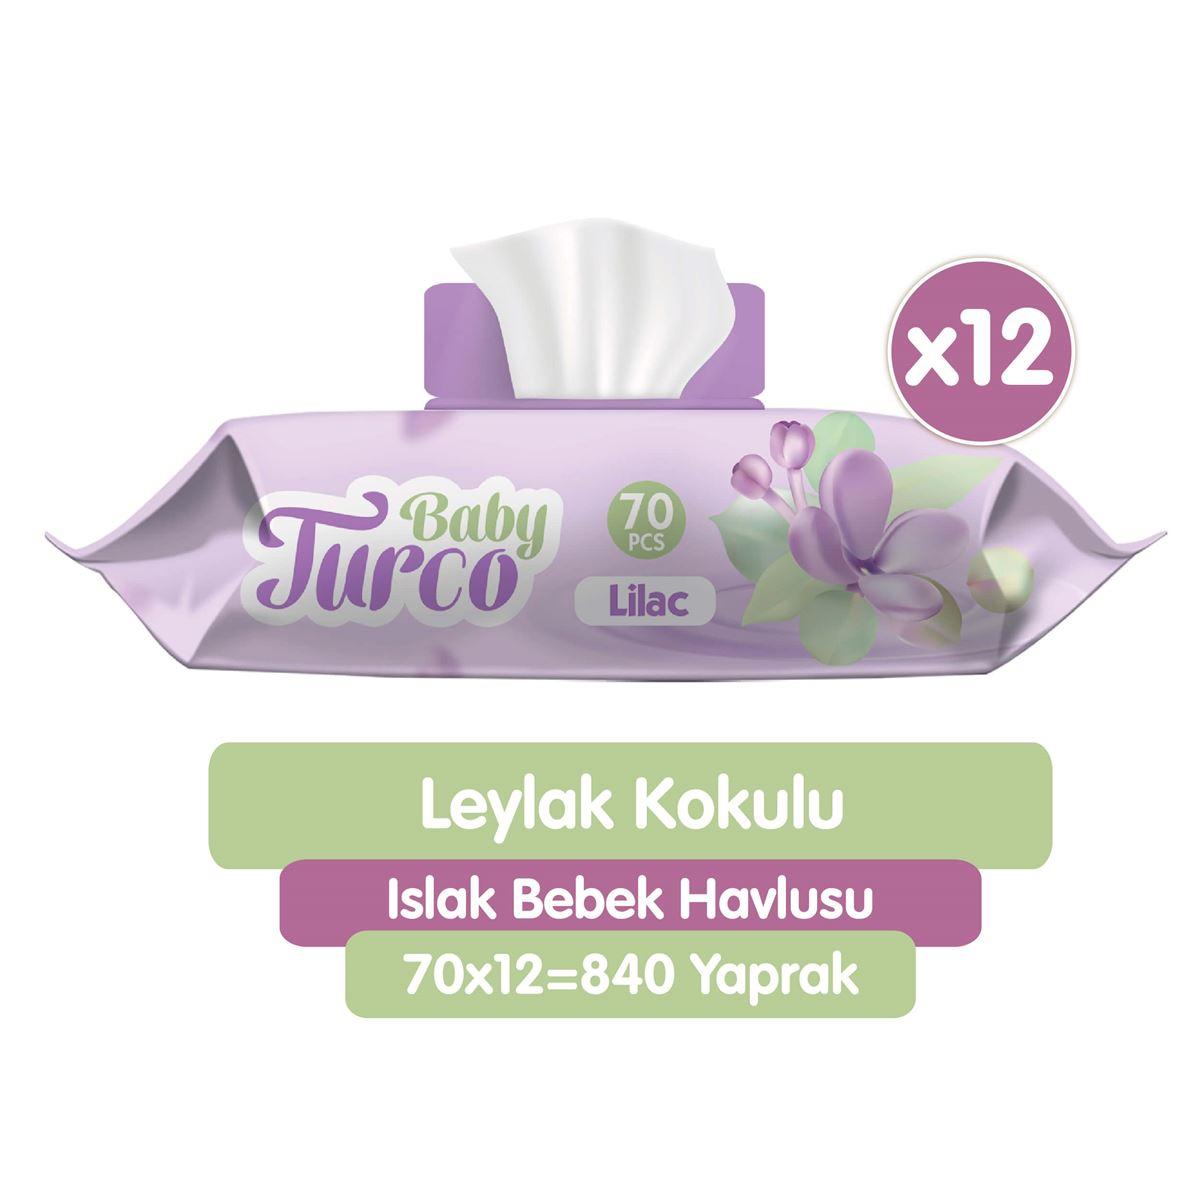 Baby Turco Leylak Kokulu Islak Bebek Havlusu 12x70 Adet